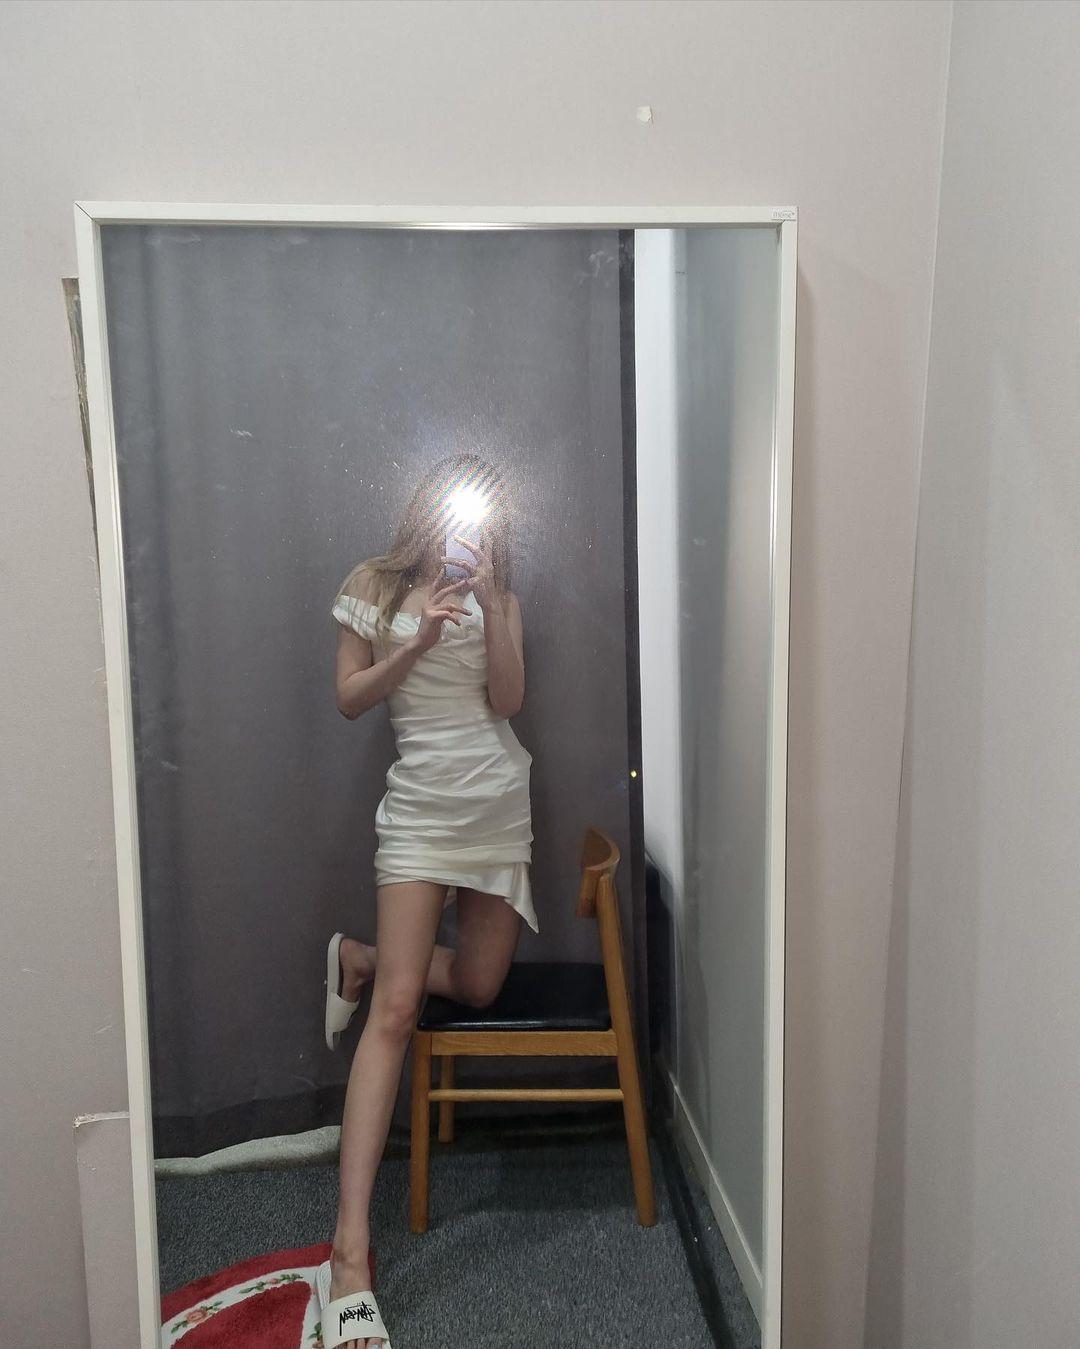 Jennie,「,渣女,穿搭,」,火了,这,身材,穿,400  Jennie「渣女穿搭」火了!这身材穿 400 块球鞋真顶!还有新晋长腿球鞋女神!